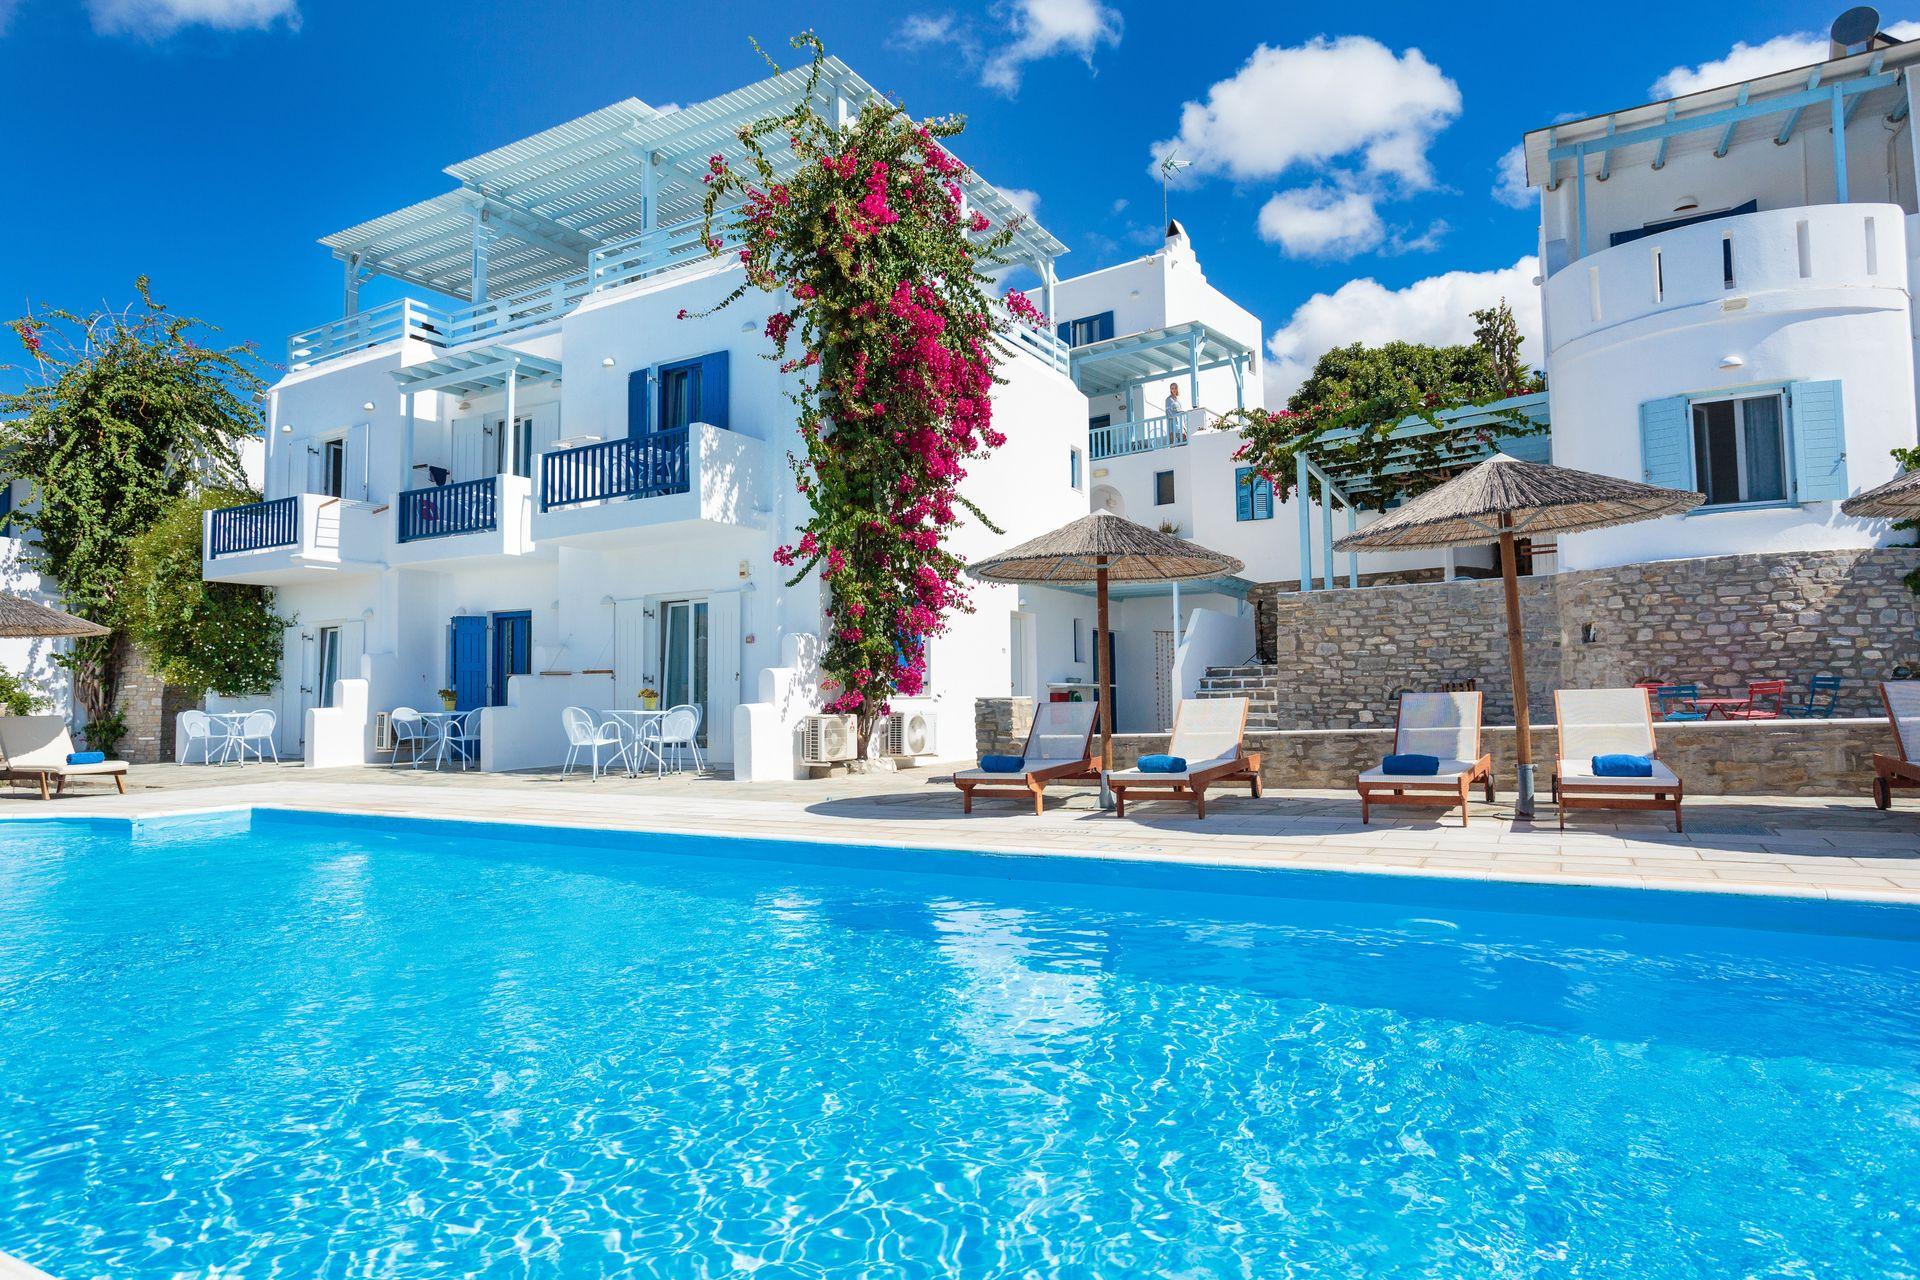 4* Pyrgaki Hotel - Πάρος ✦ 3 Ημέρες (2 Διανυκτερεύσεις)